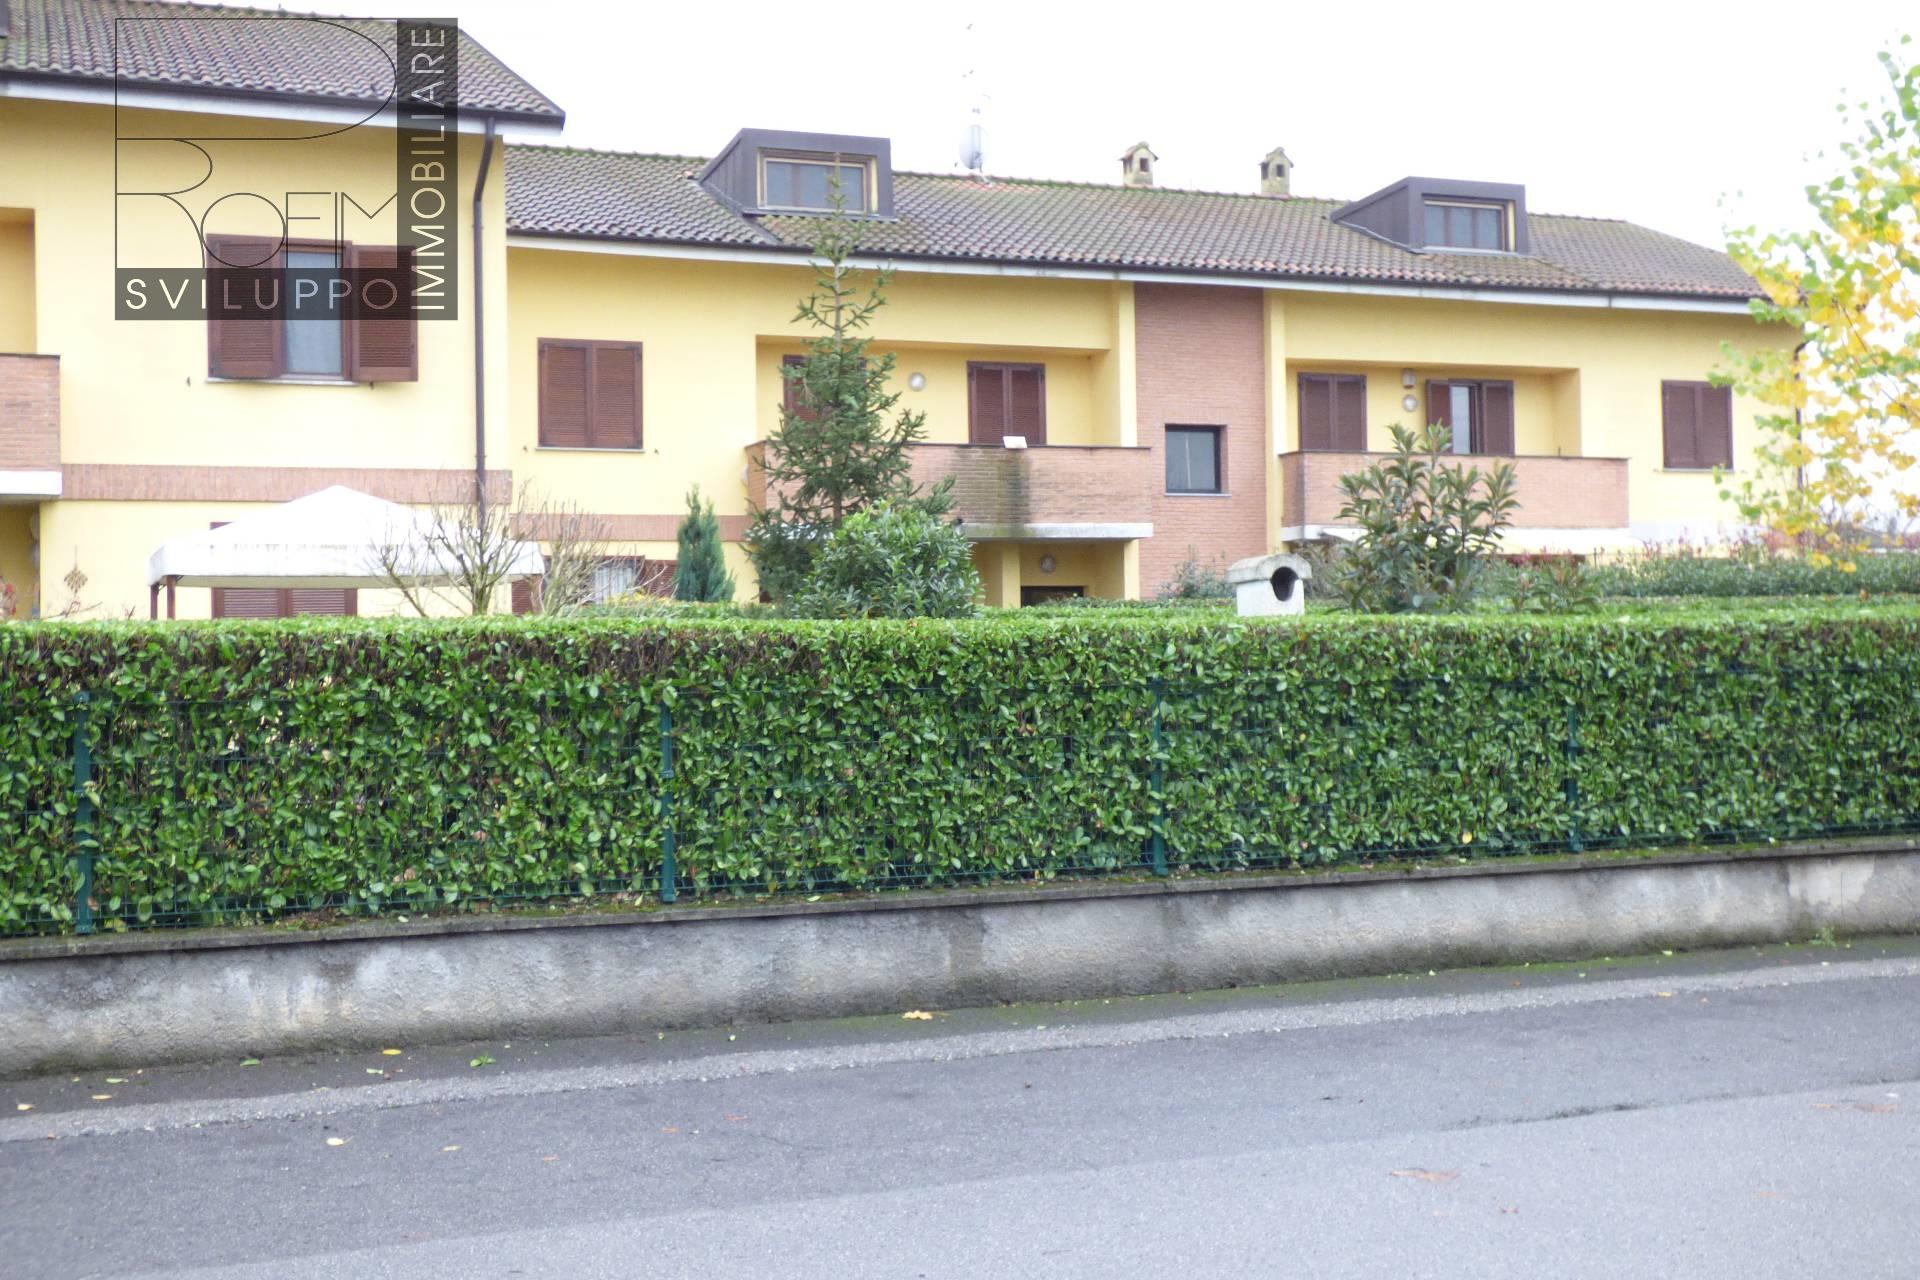 Appartamento in affitto a Mulazzano, 2 locali, zona Zona: Quartiano, prezzo € 400 | Cambio Casa.it